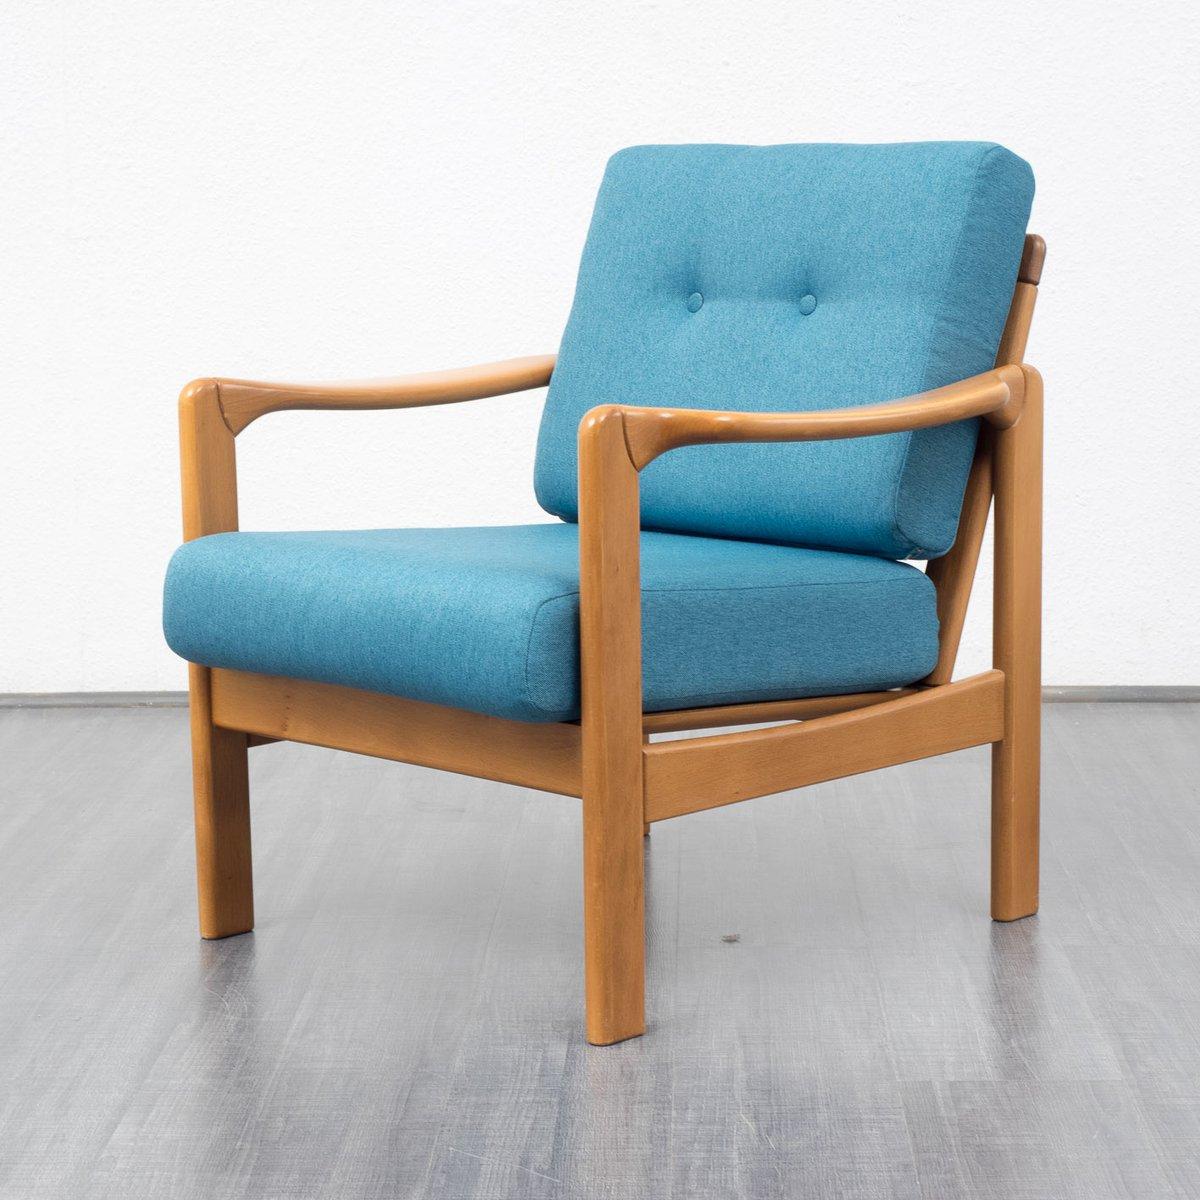 fauteuil bleu p trole 1960s en vente sur pamono. Black Bedroom Furniture Sets. Home Design Ideas